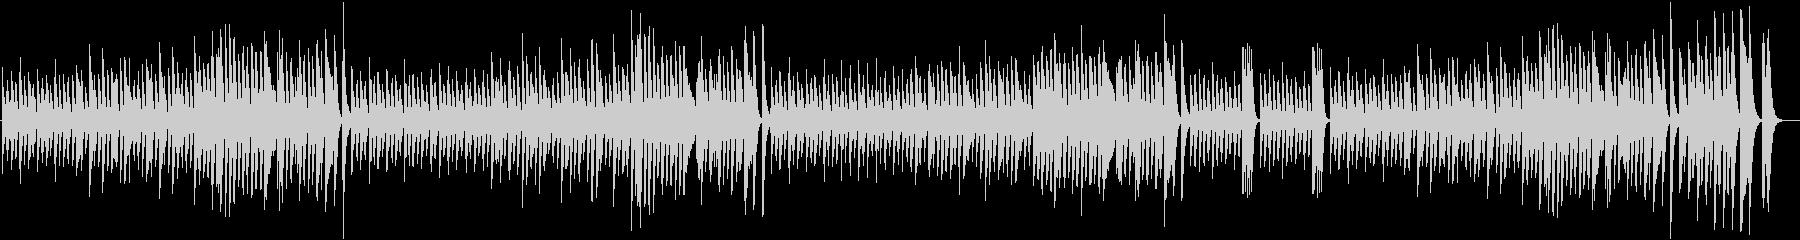 白銀の世界を描いた楽しい冬ピアノBGMの未再生の波形